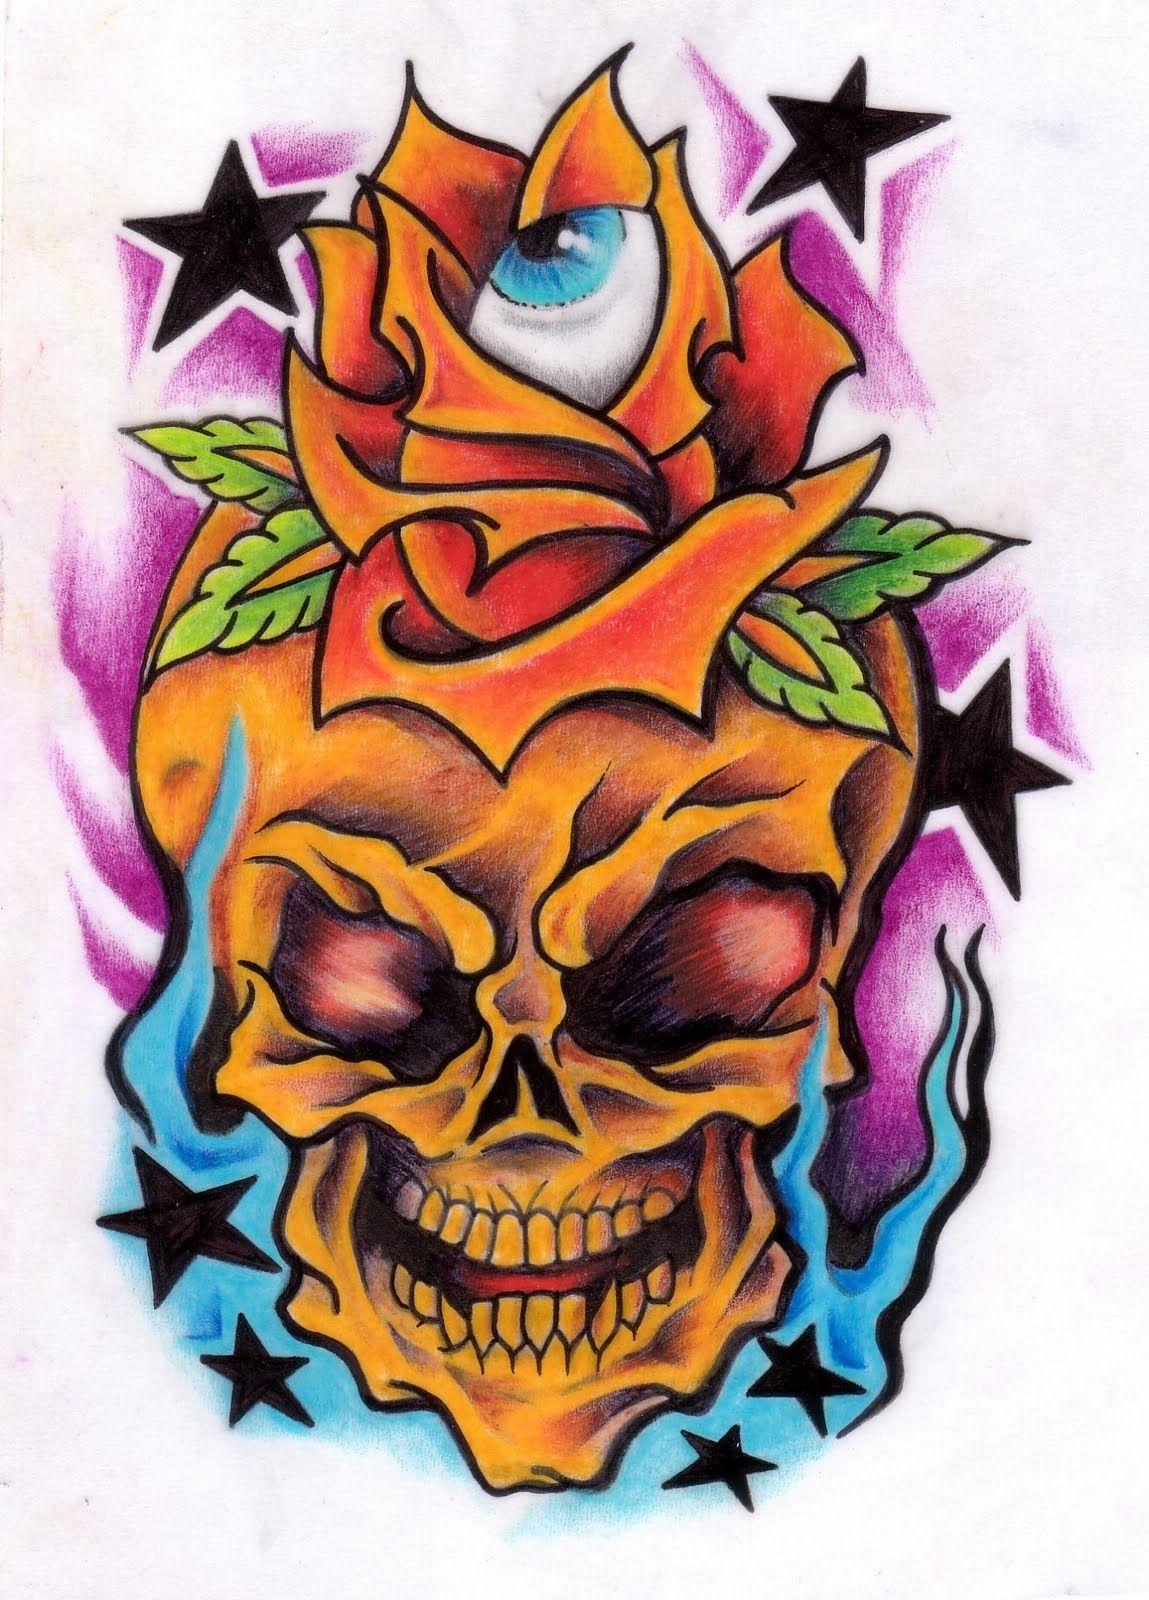 641 free hd i flash tattoo design 2012 flash tattoo